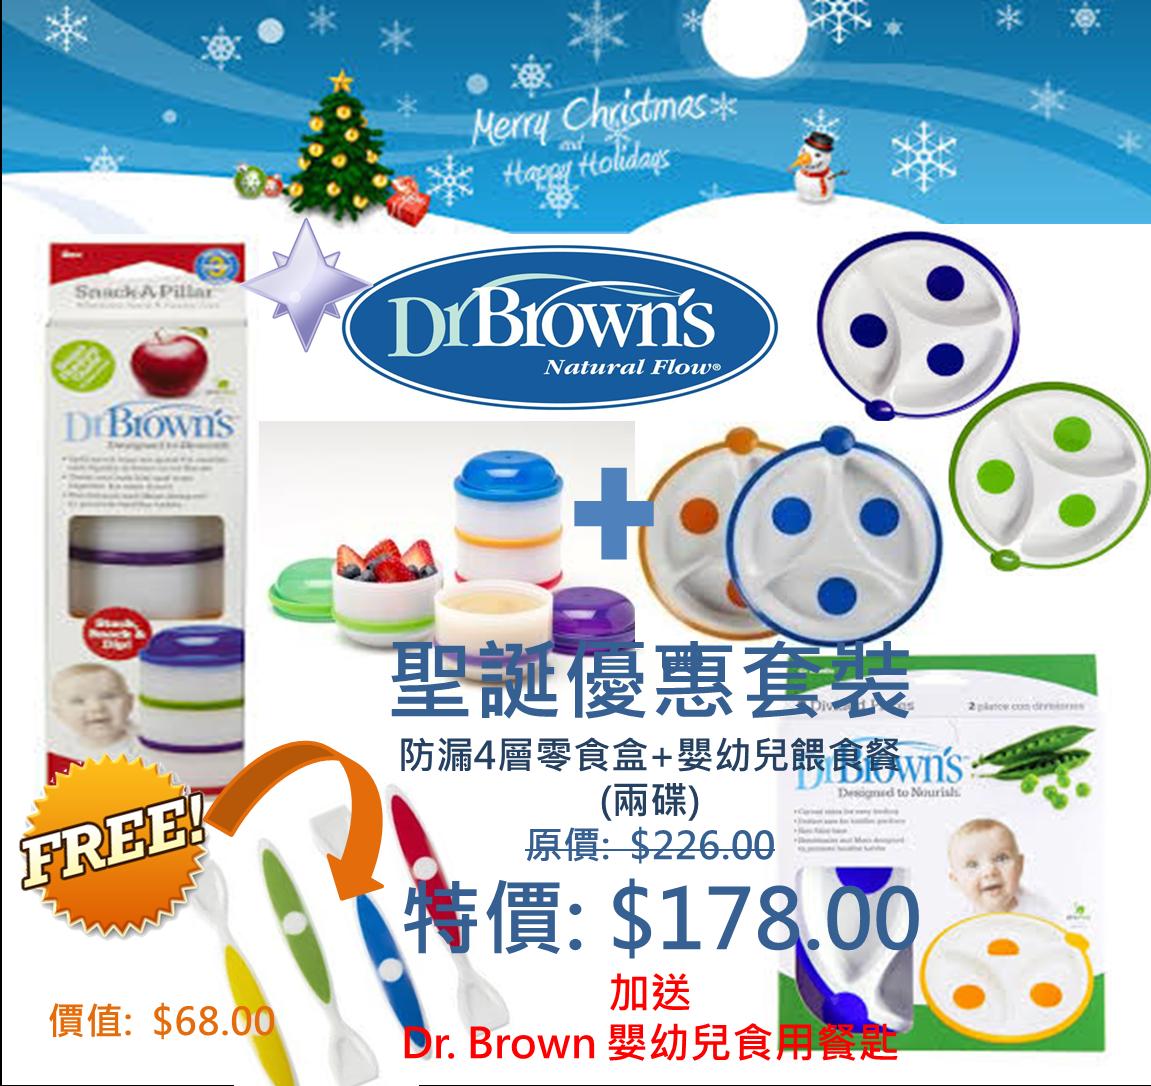 Dr. Brown's優惠套裝 $178.00送食用餐匙